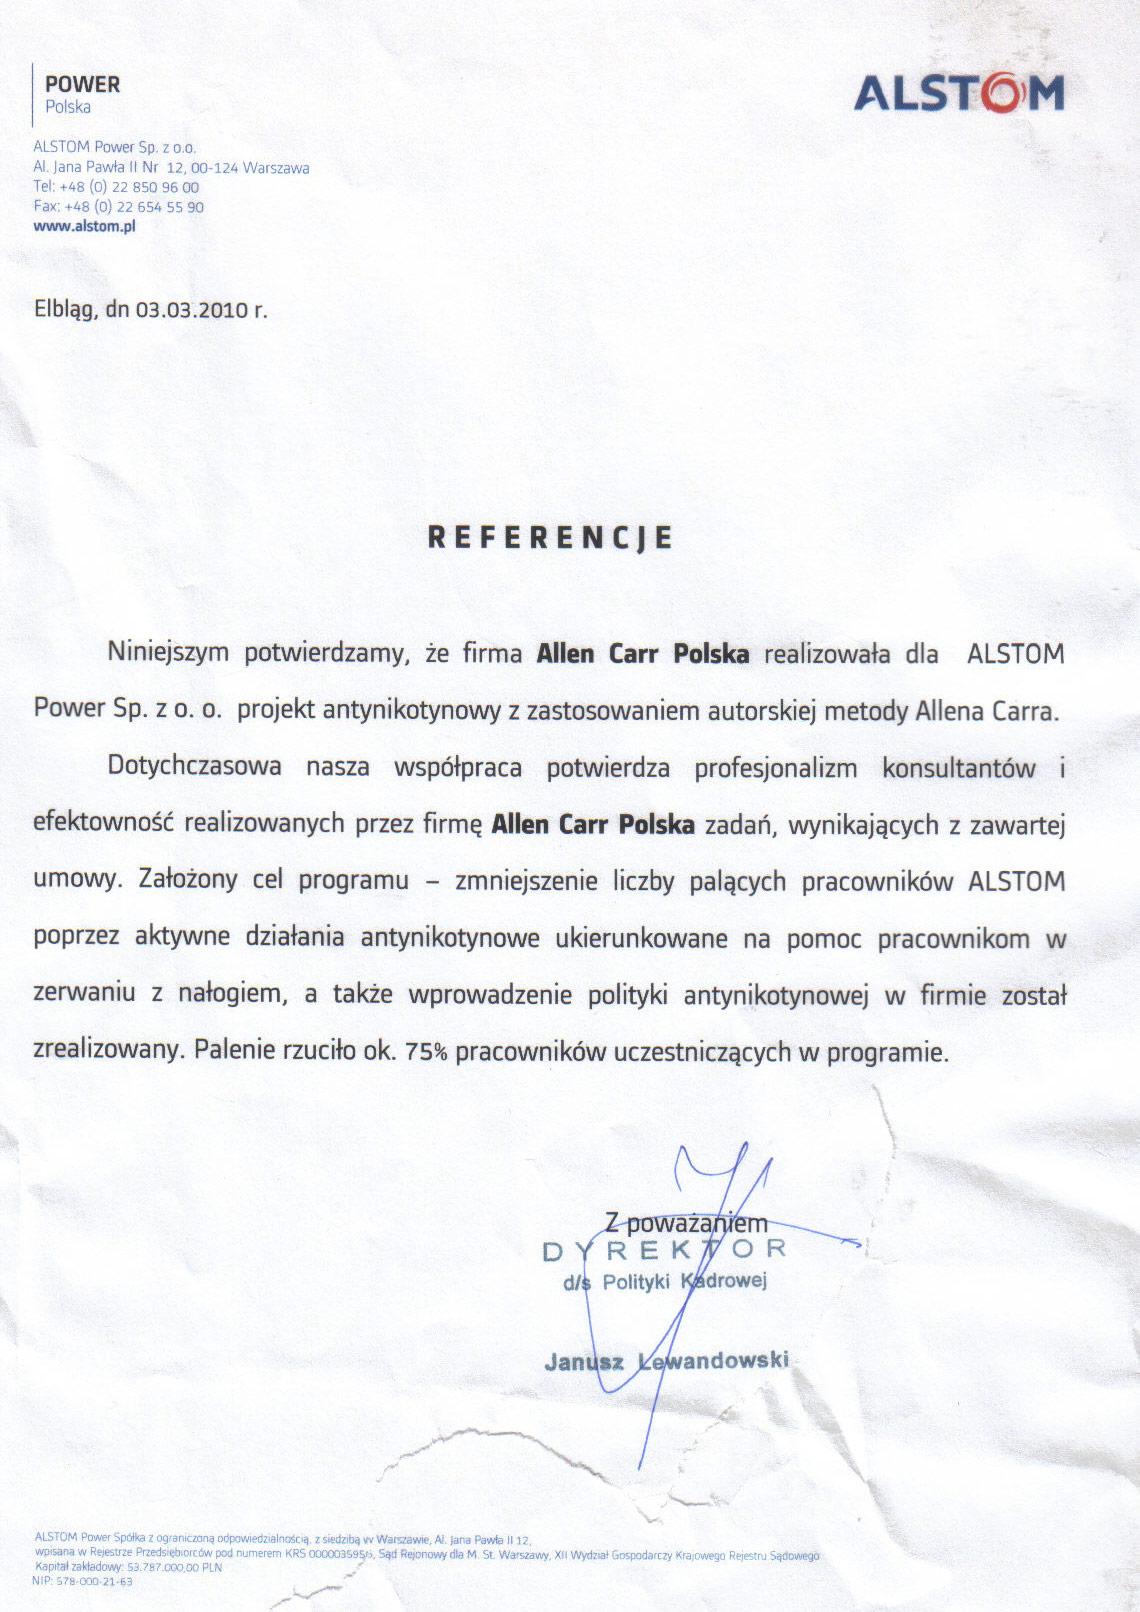 Allen Carr - Referencje – Alstom